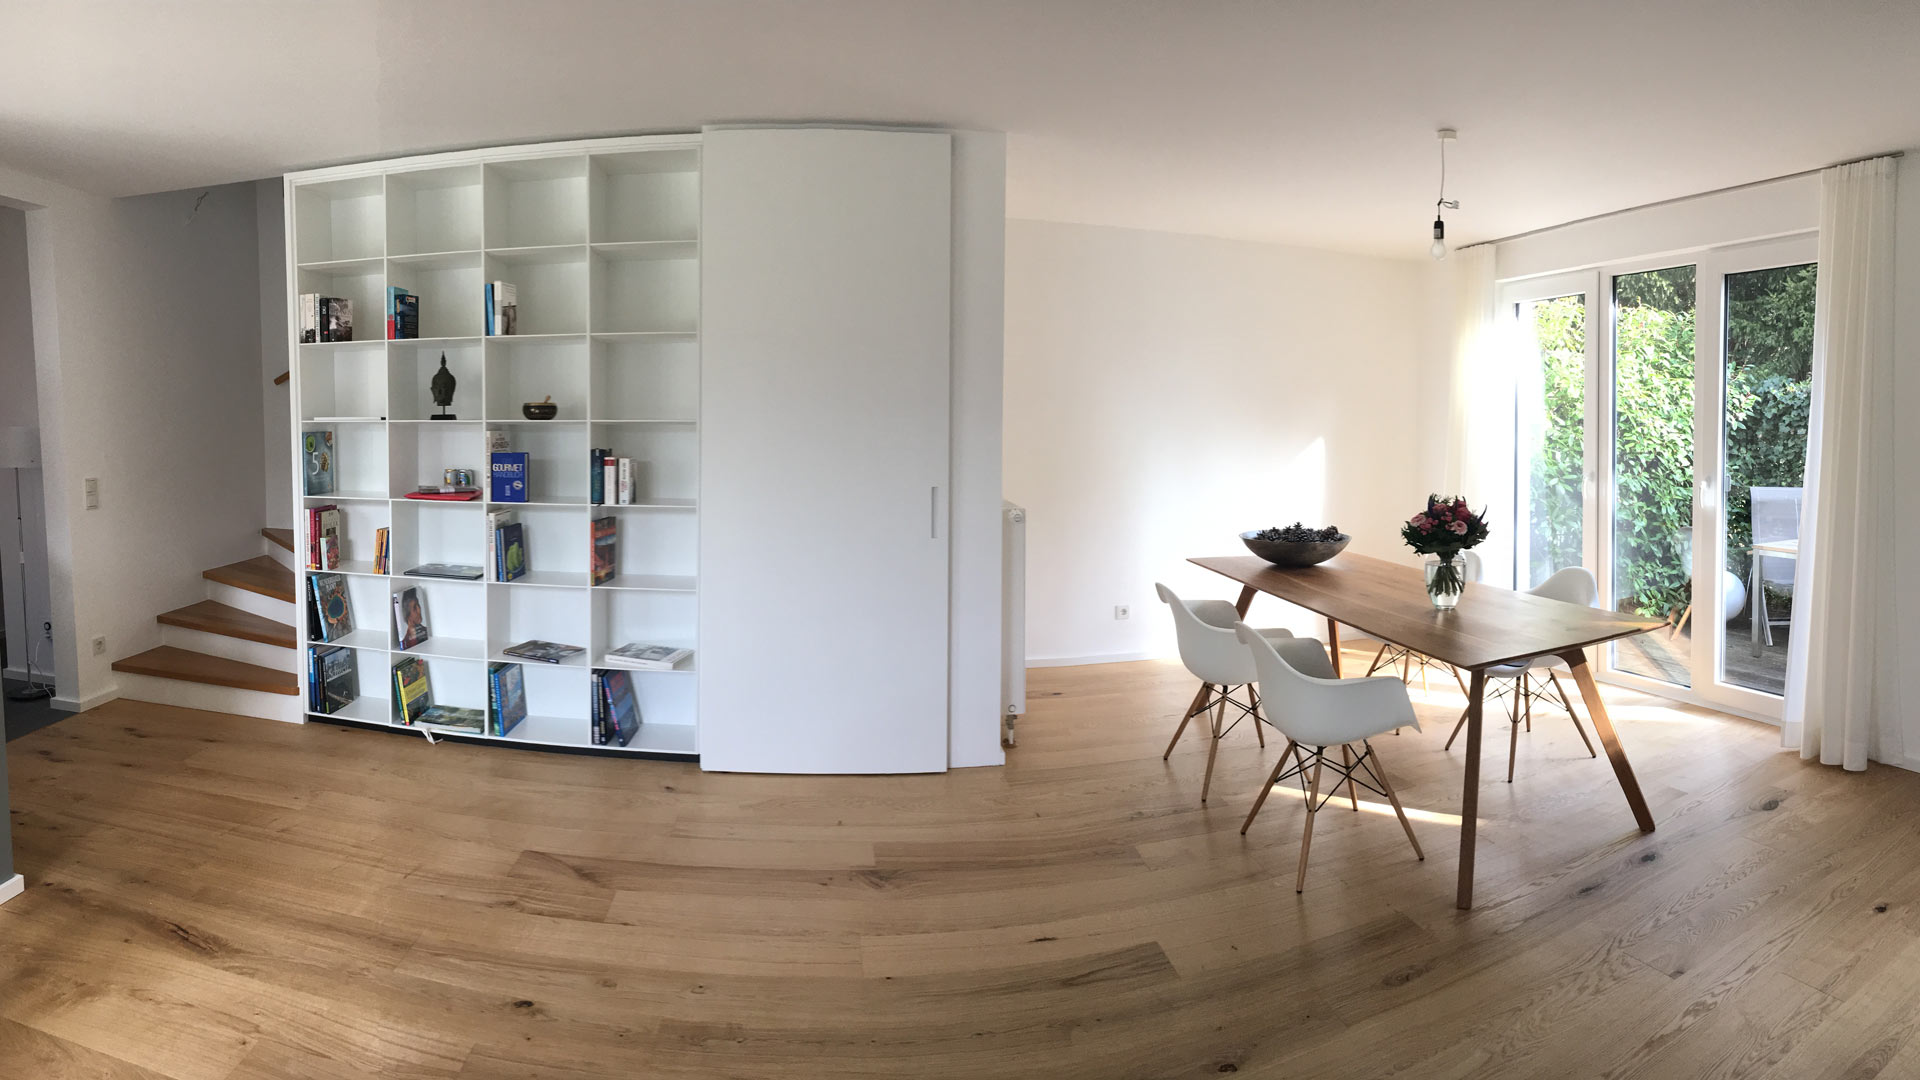 Wohnzimmer Regal Parkett Boden Schiebetuer Tisch Stuhl Eiche Weisslack Tischler Hannover